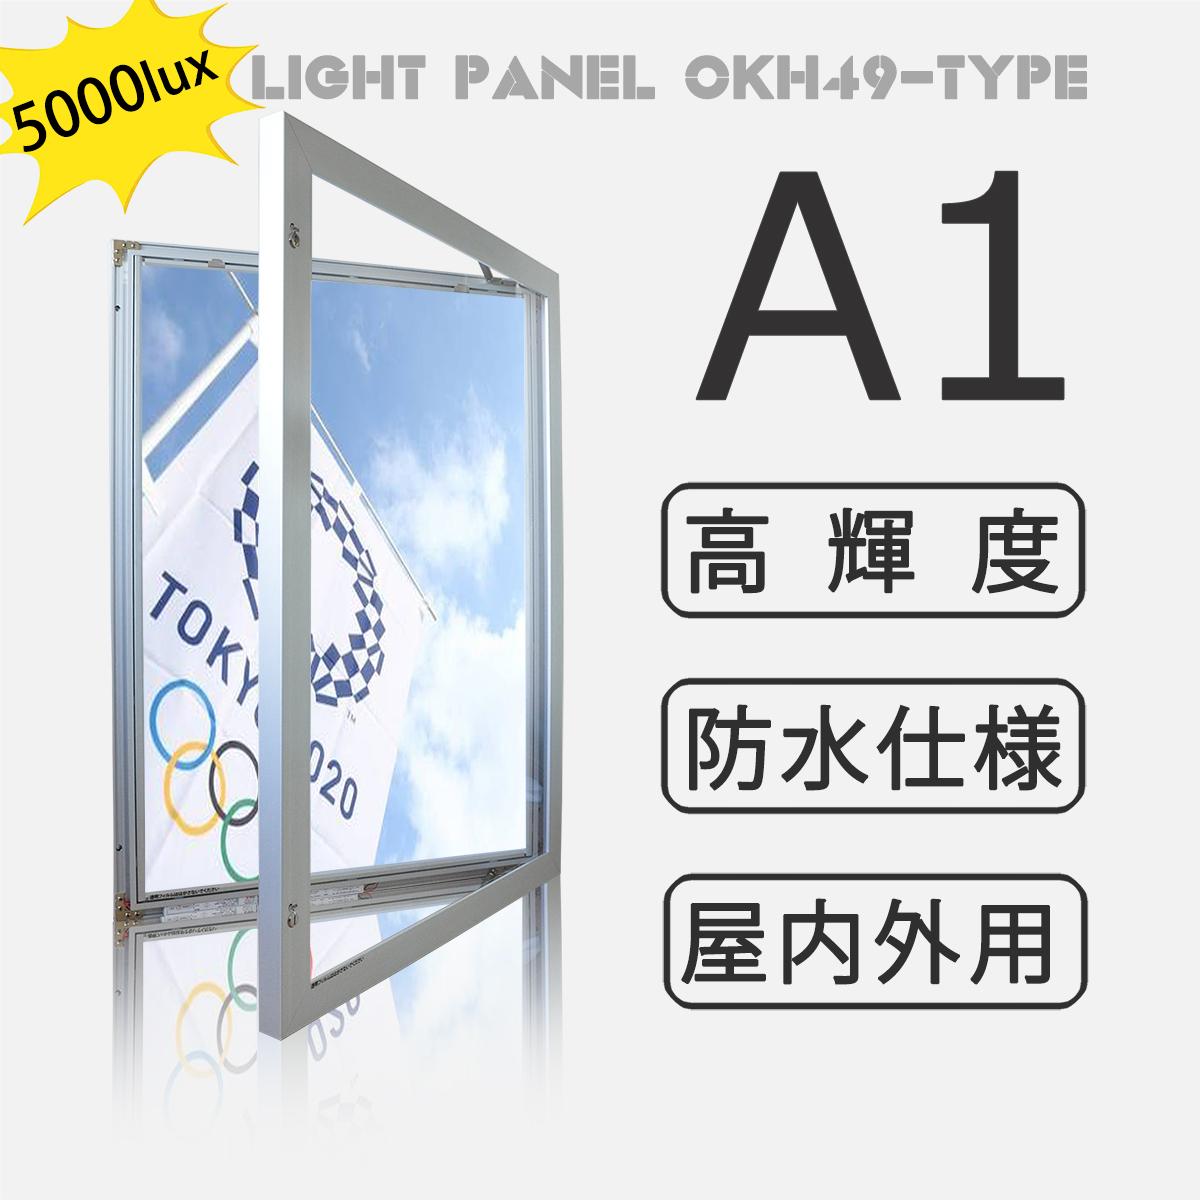 大型高輝度LEDライトパネル_A1(49タイプ)